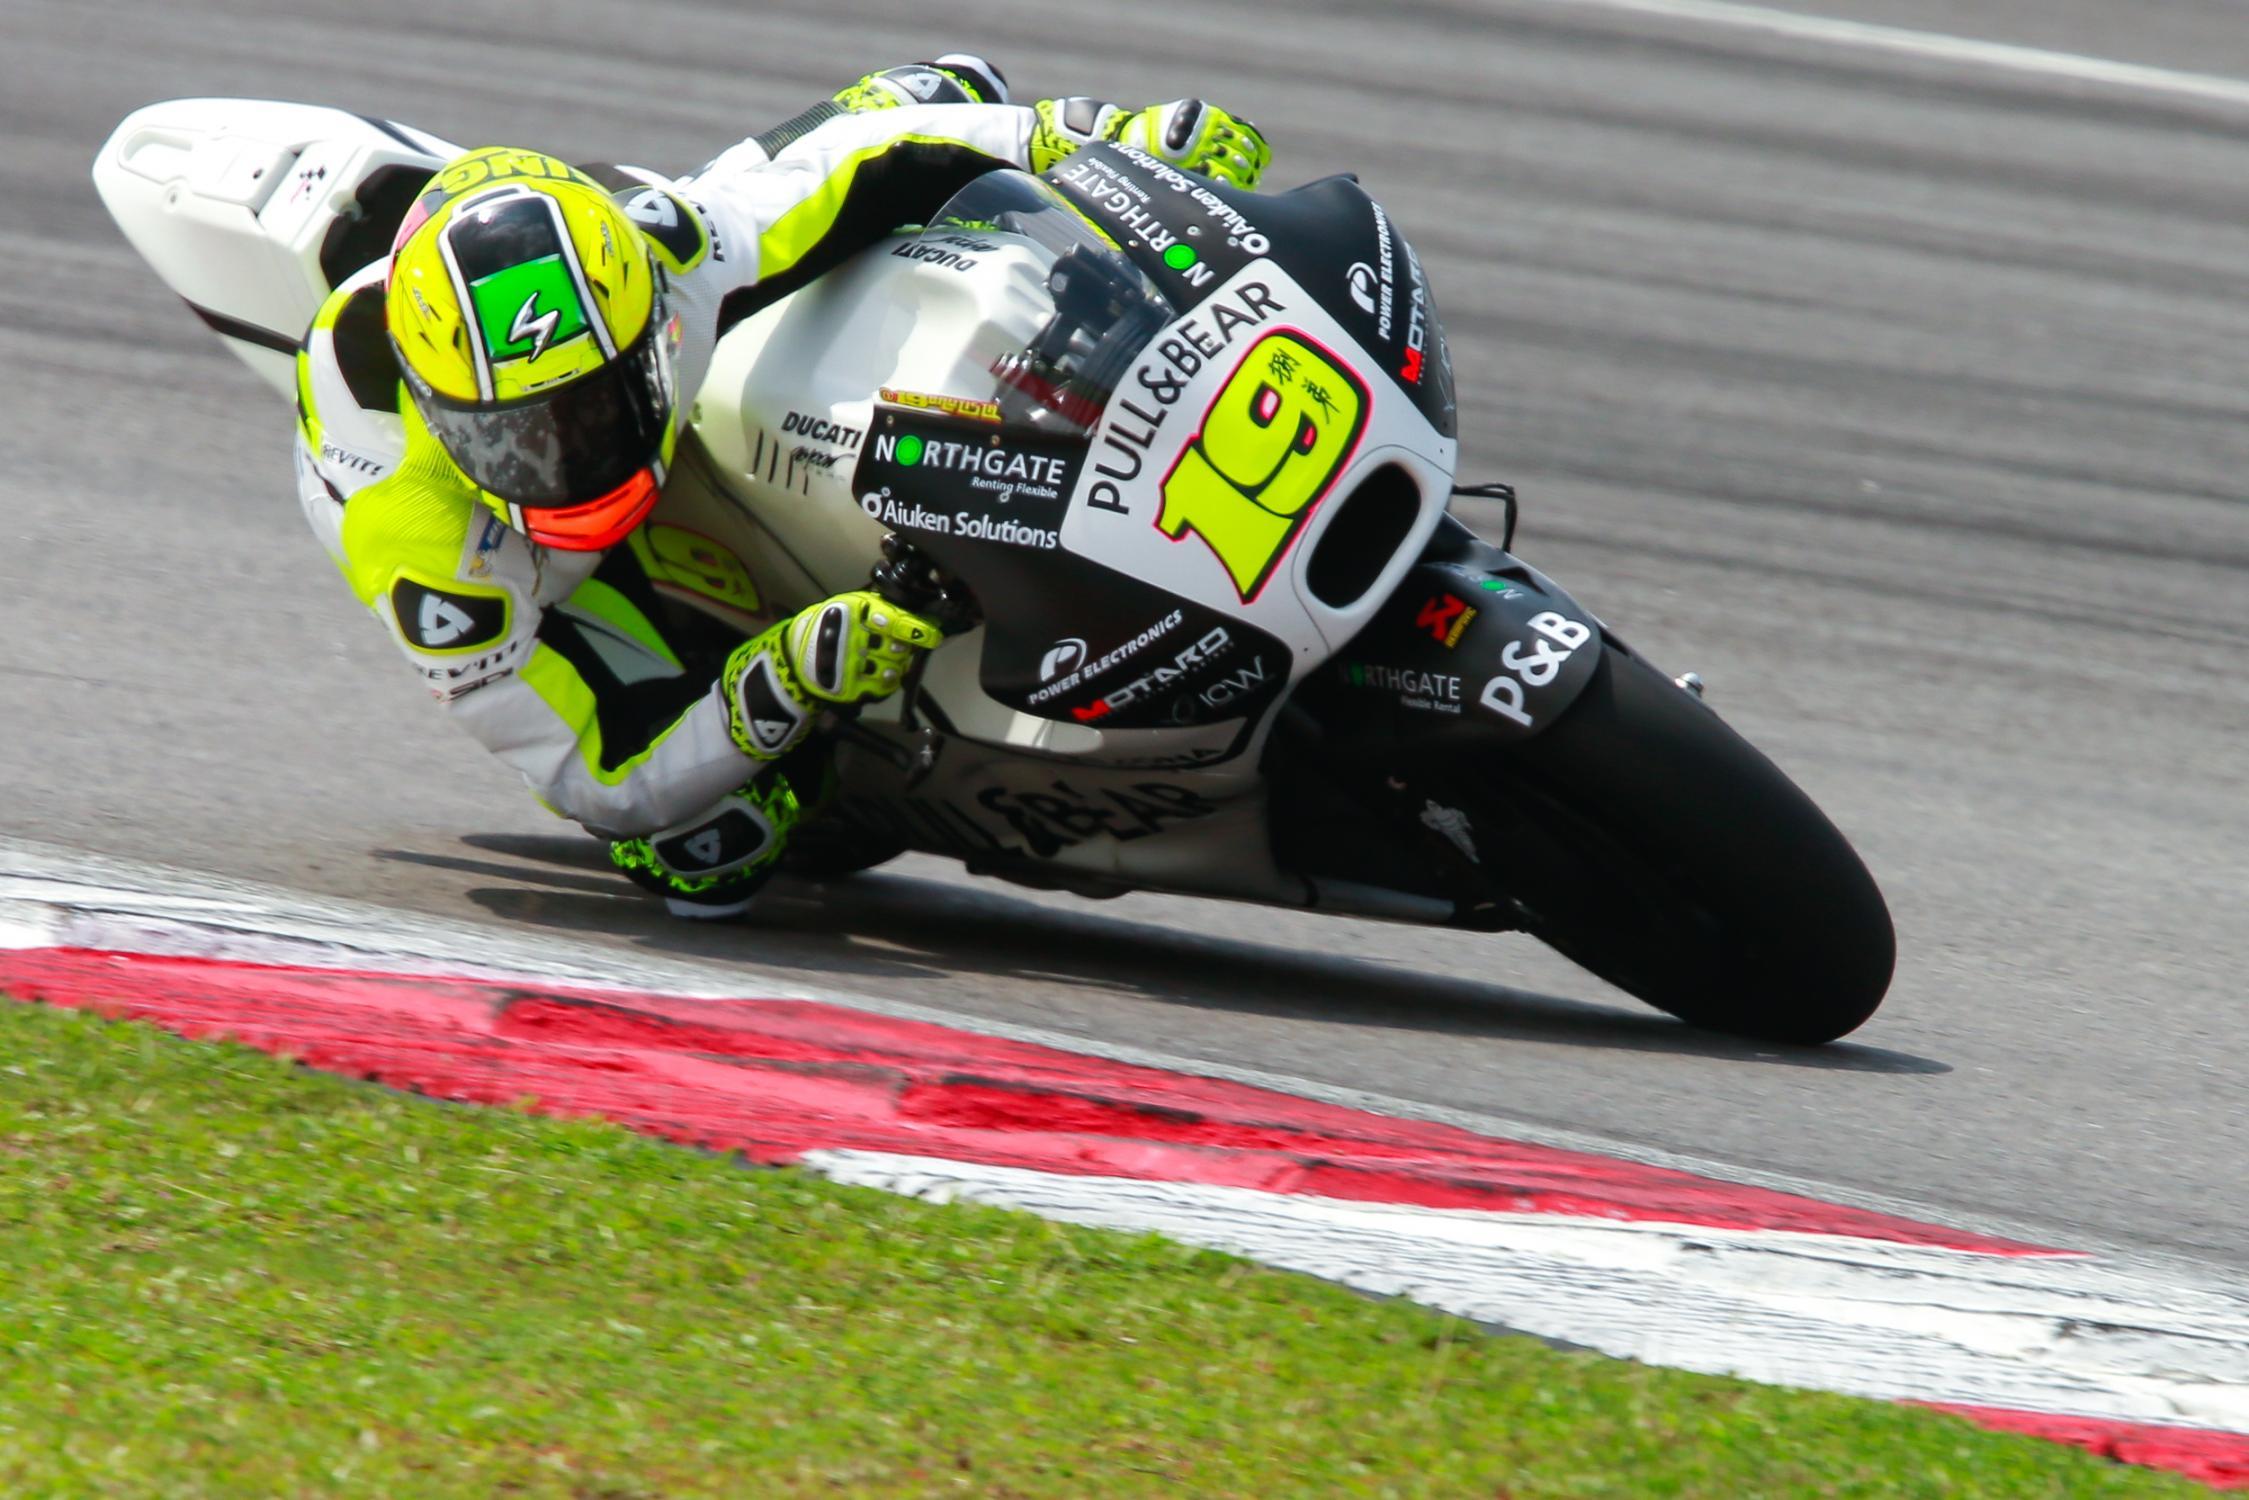 [MotoGP] Test Sepang 19-alvaro-bautista-esp_gp_7752.gallery_full_top_fullscreen